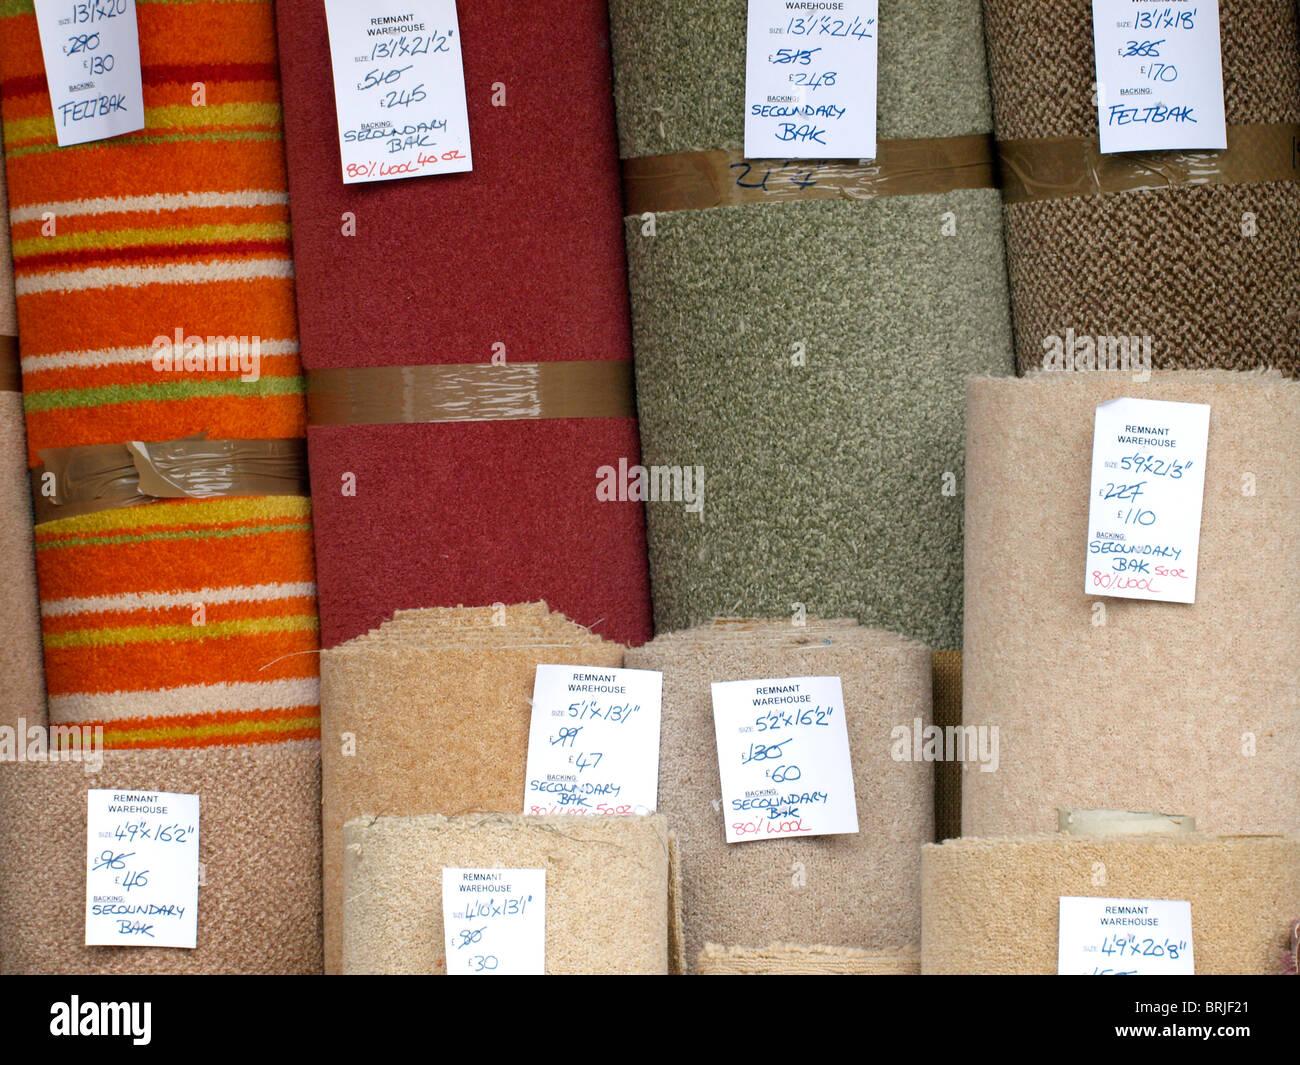 Carpet Remnants For Sale Shop Uk Brjf on Remnants Carpet With Bound Edges